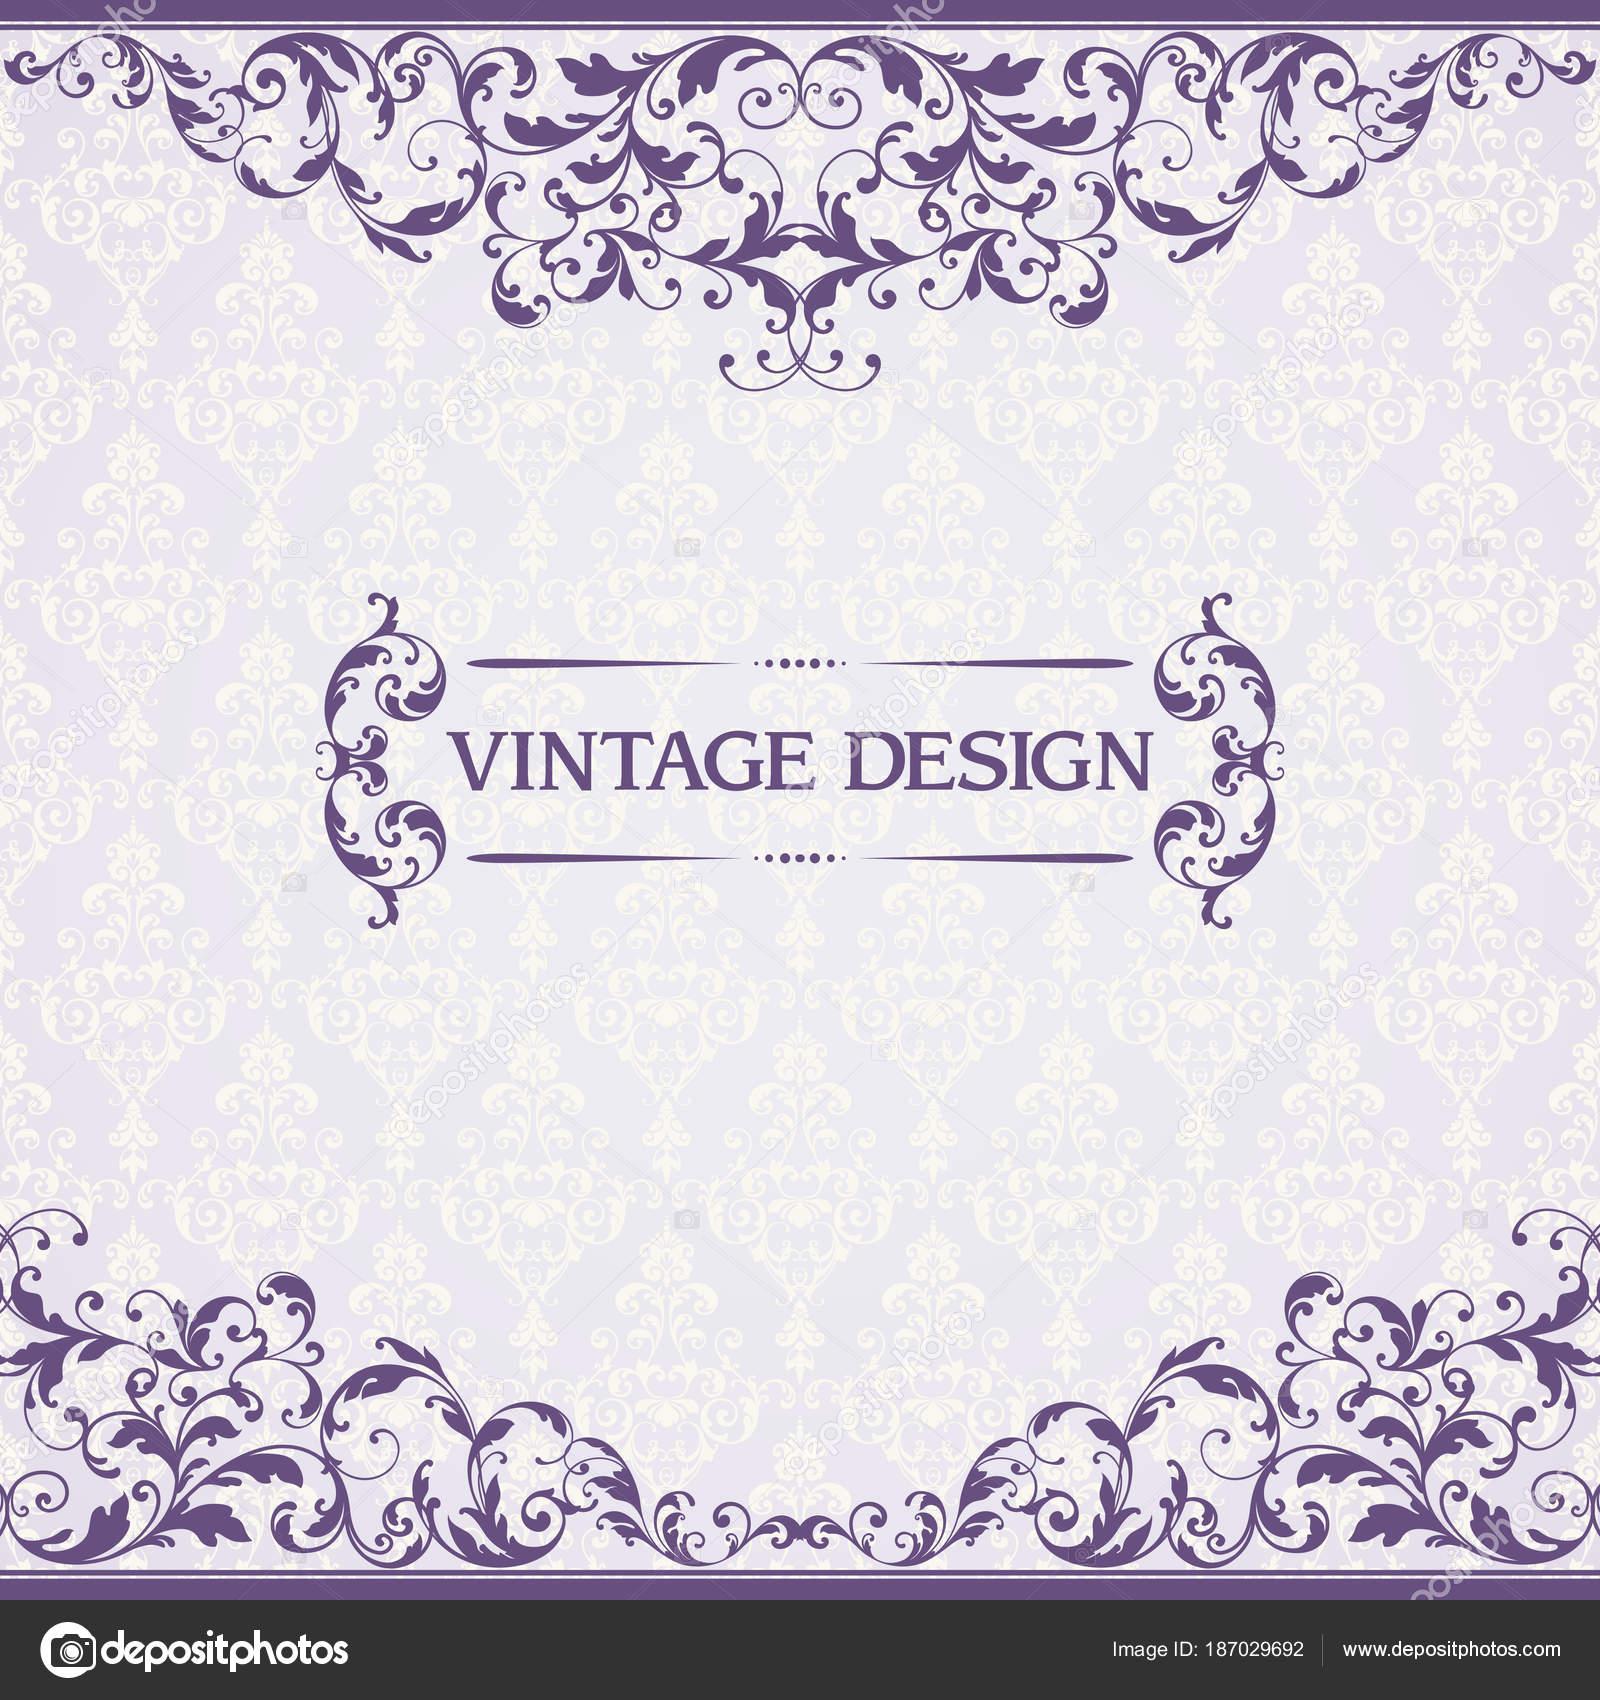 Vintage Schablone mit Muster und reich verzierten Rahmen ...